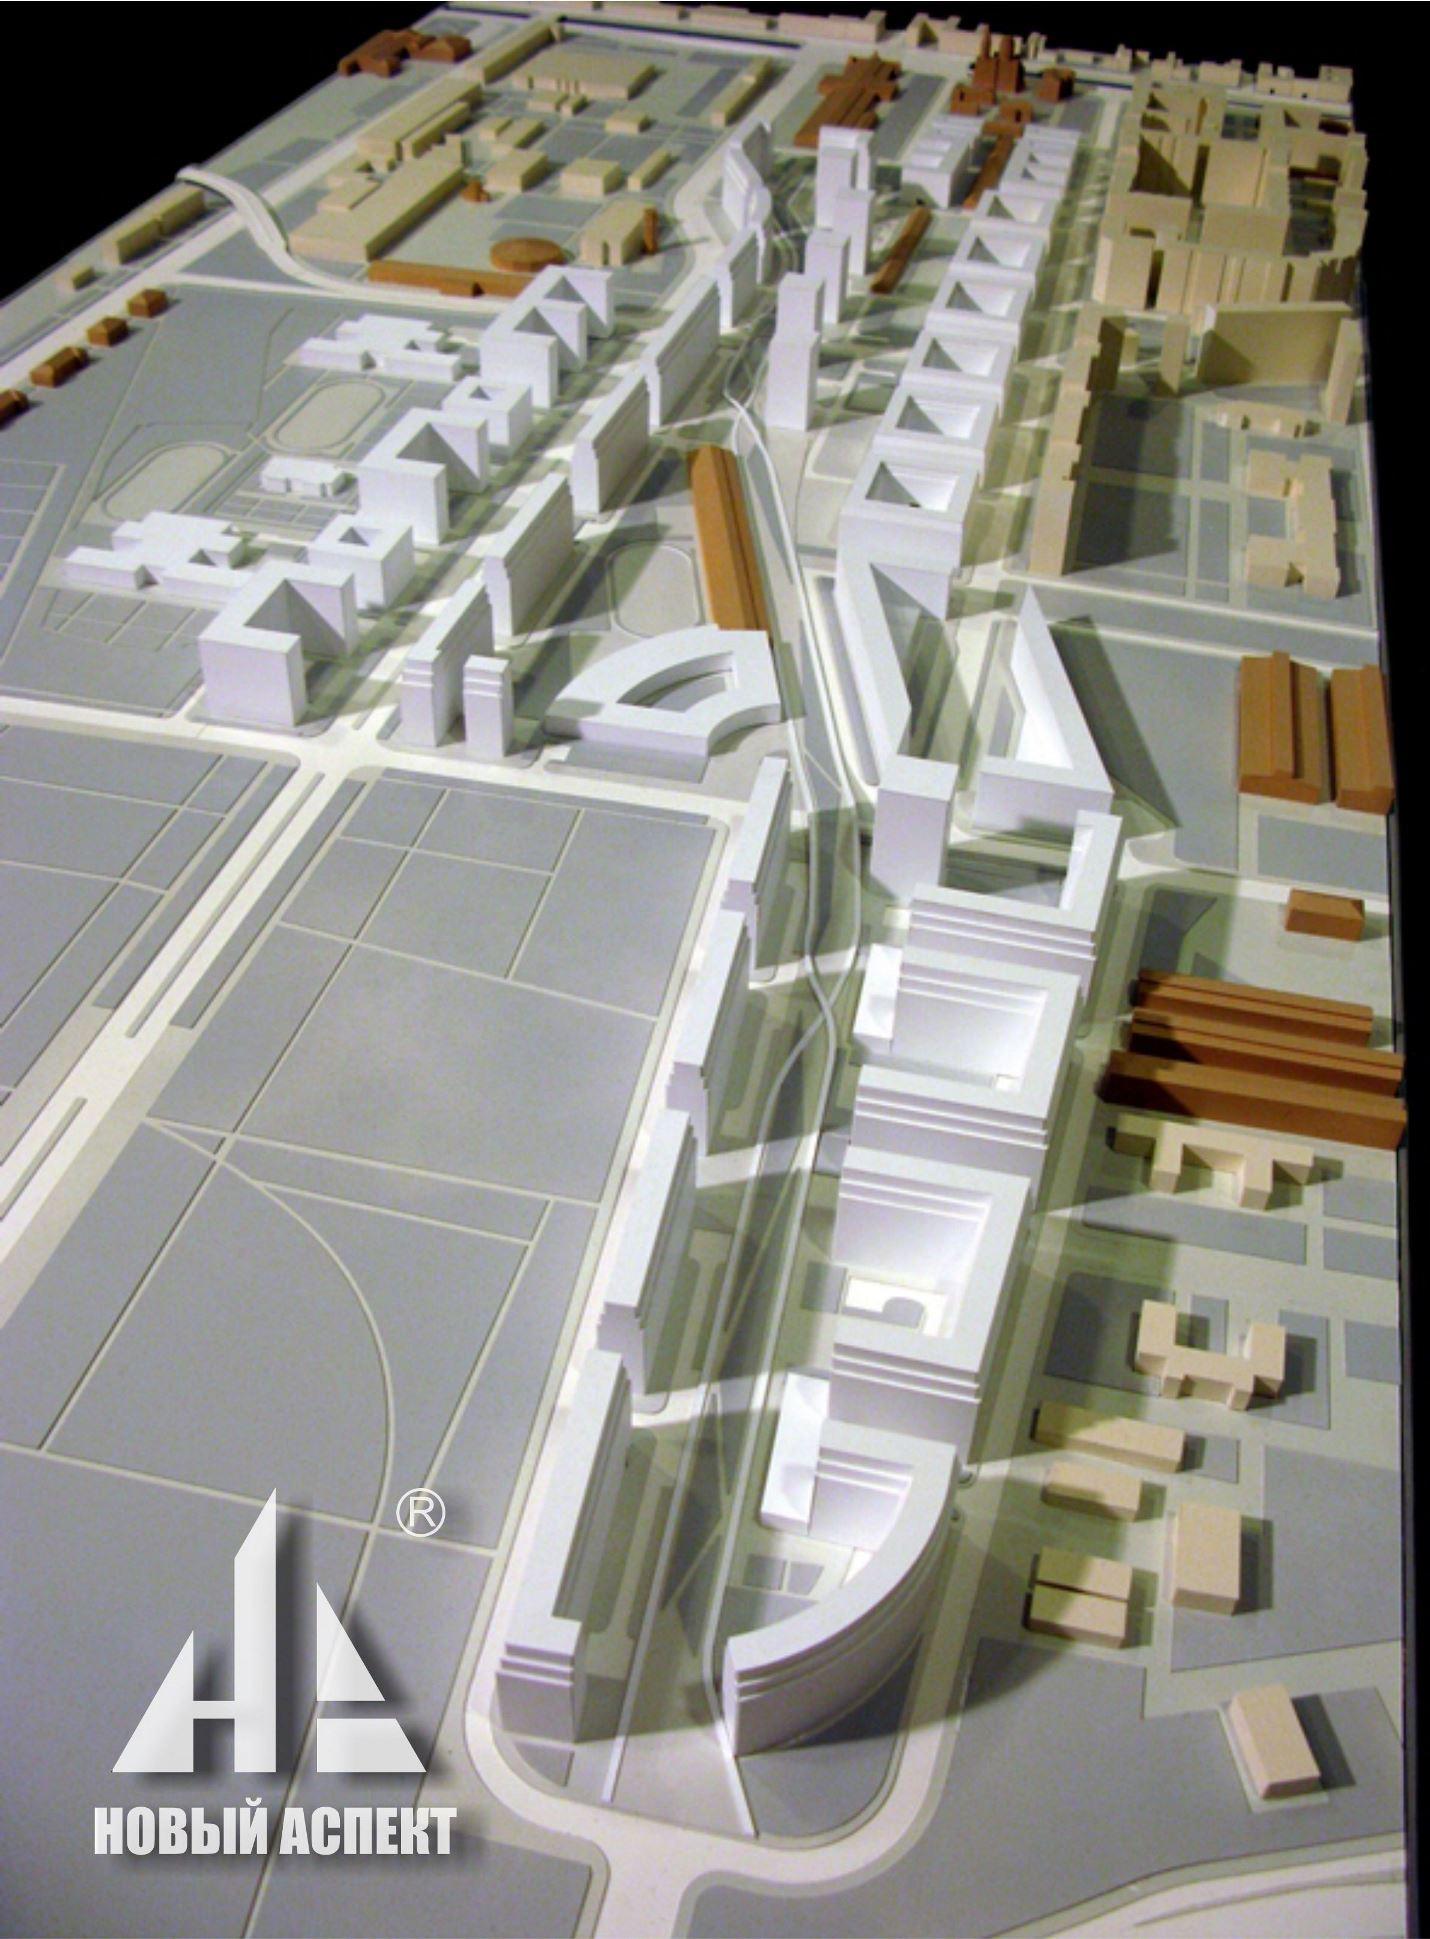 Градостроительные макеты, Варш5